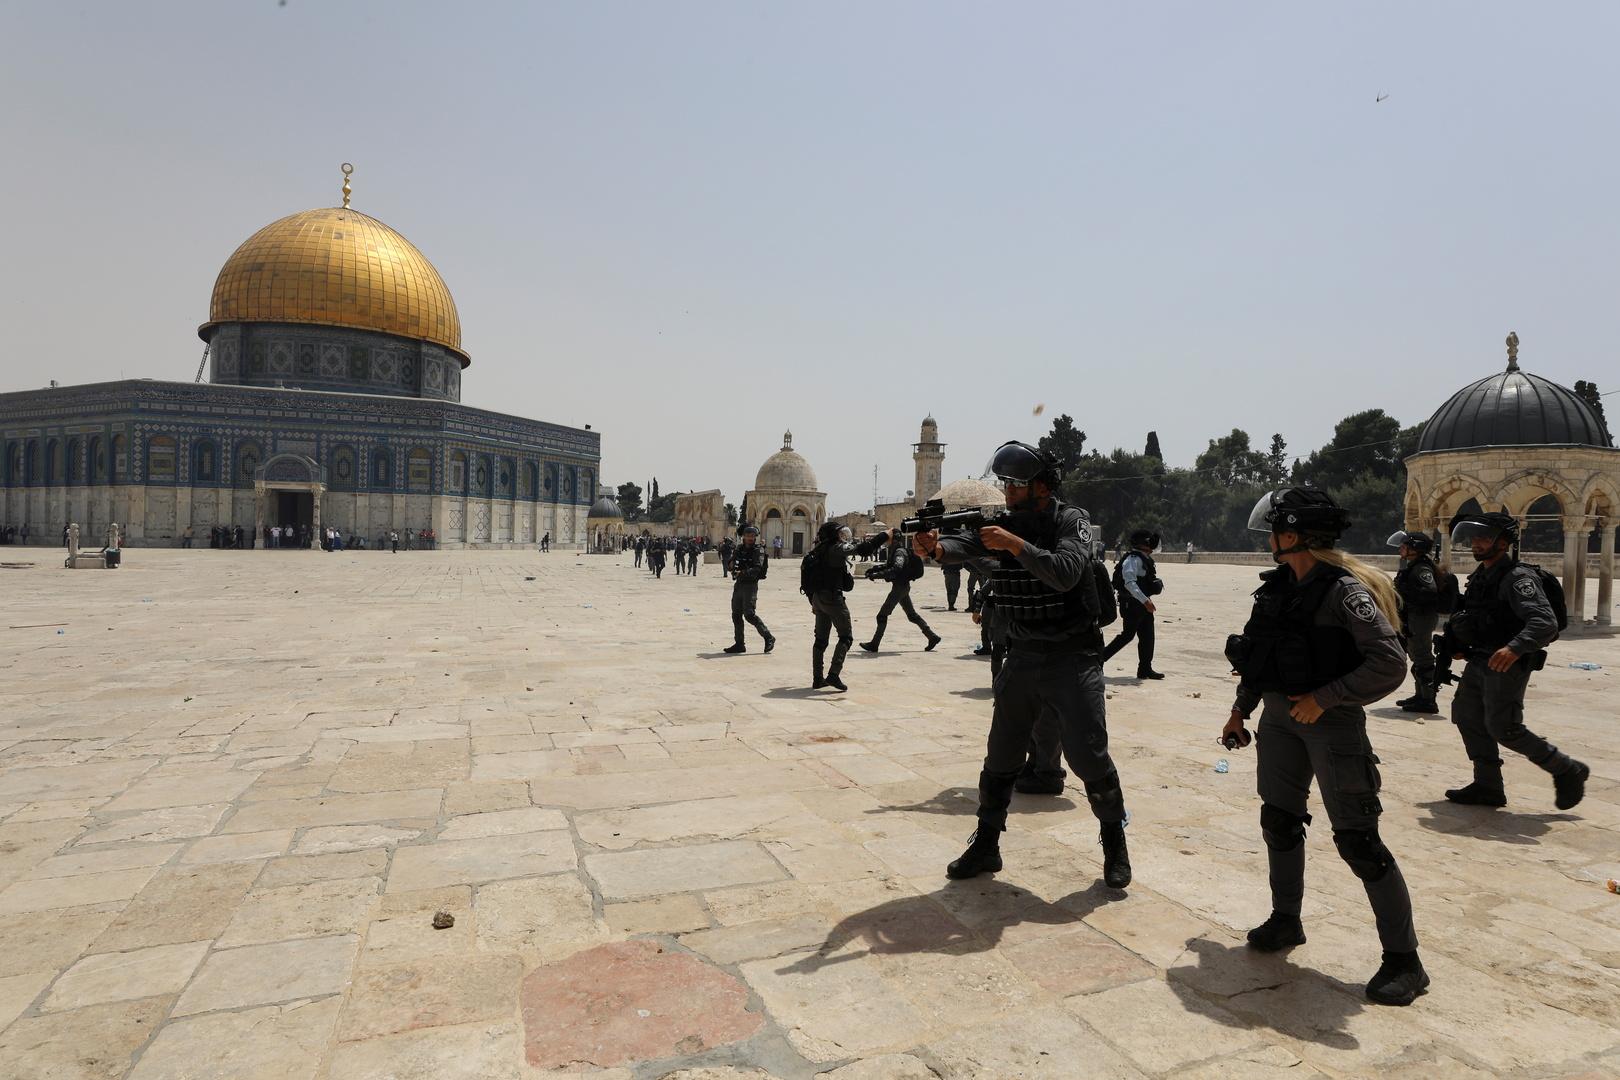 لليوم الثالث على التوالي.. مستوطنون يقتحمون المسجد الأقصى بحراسة مشددة